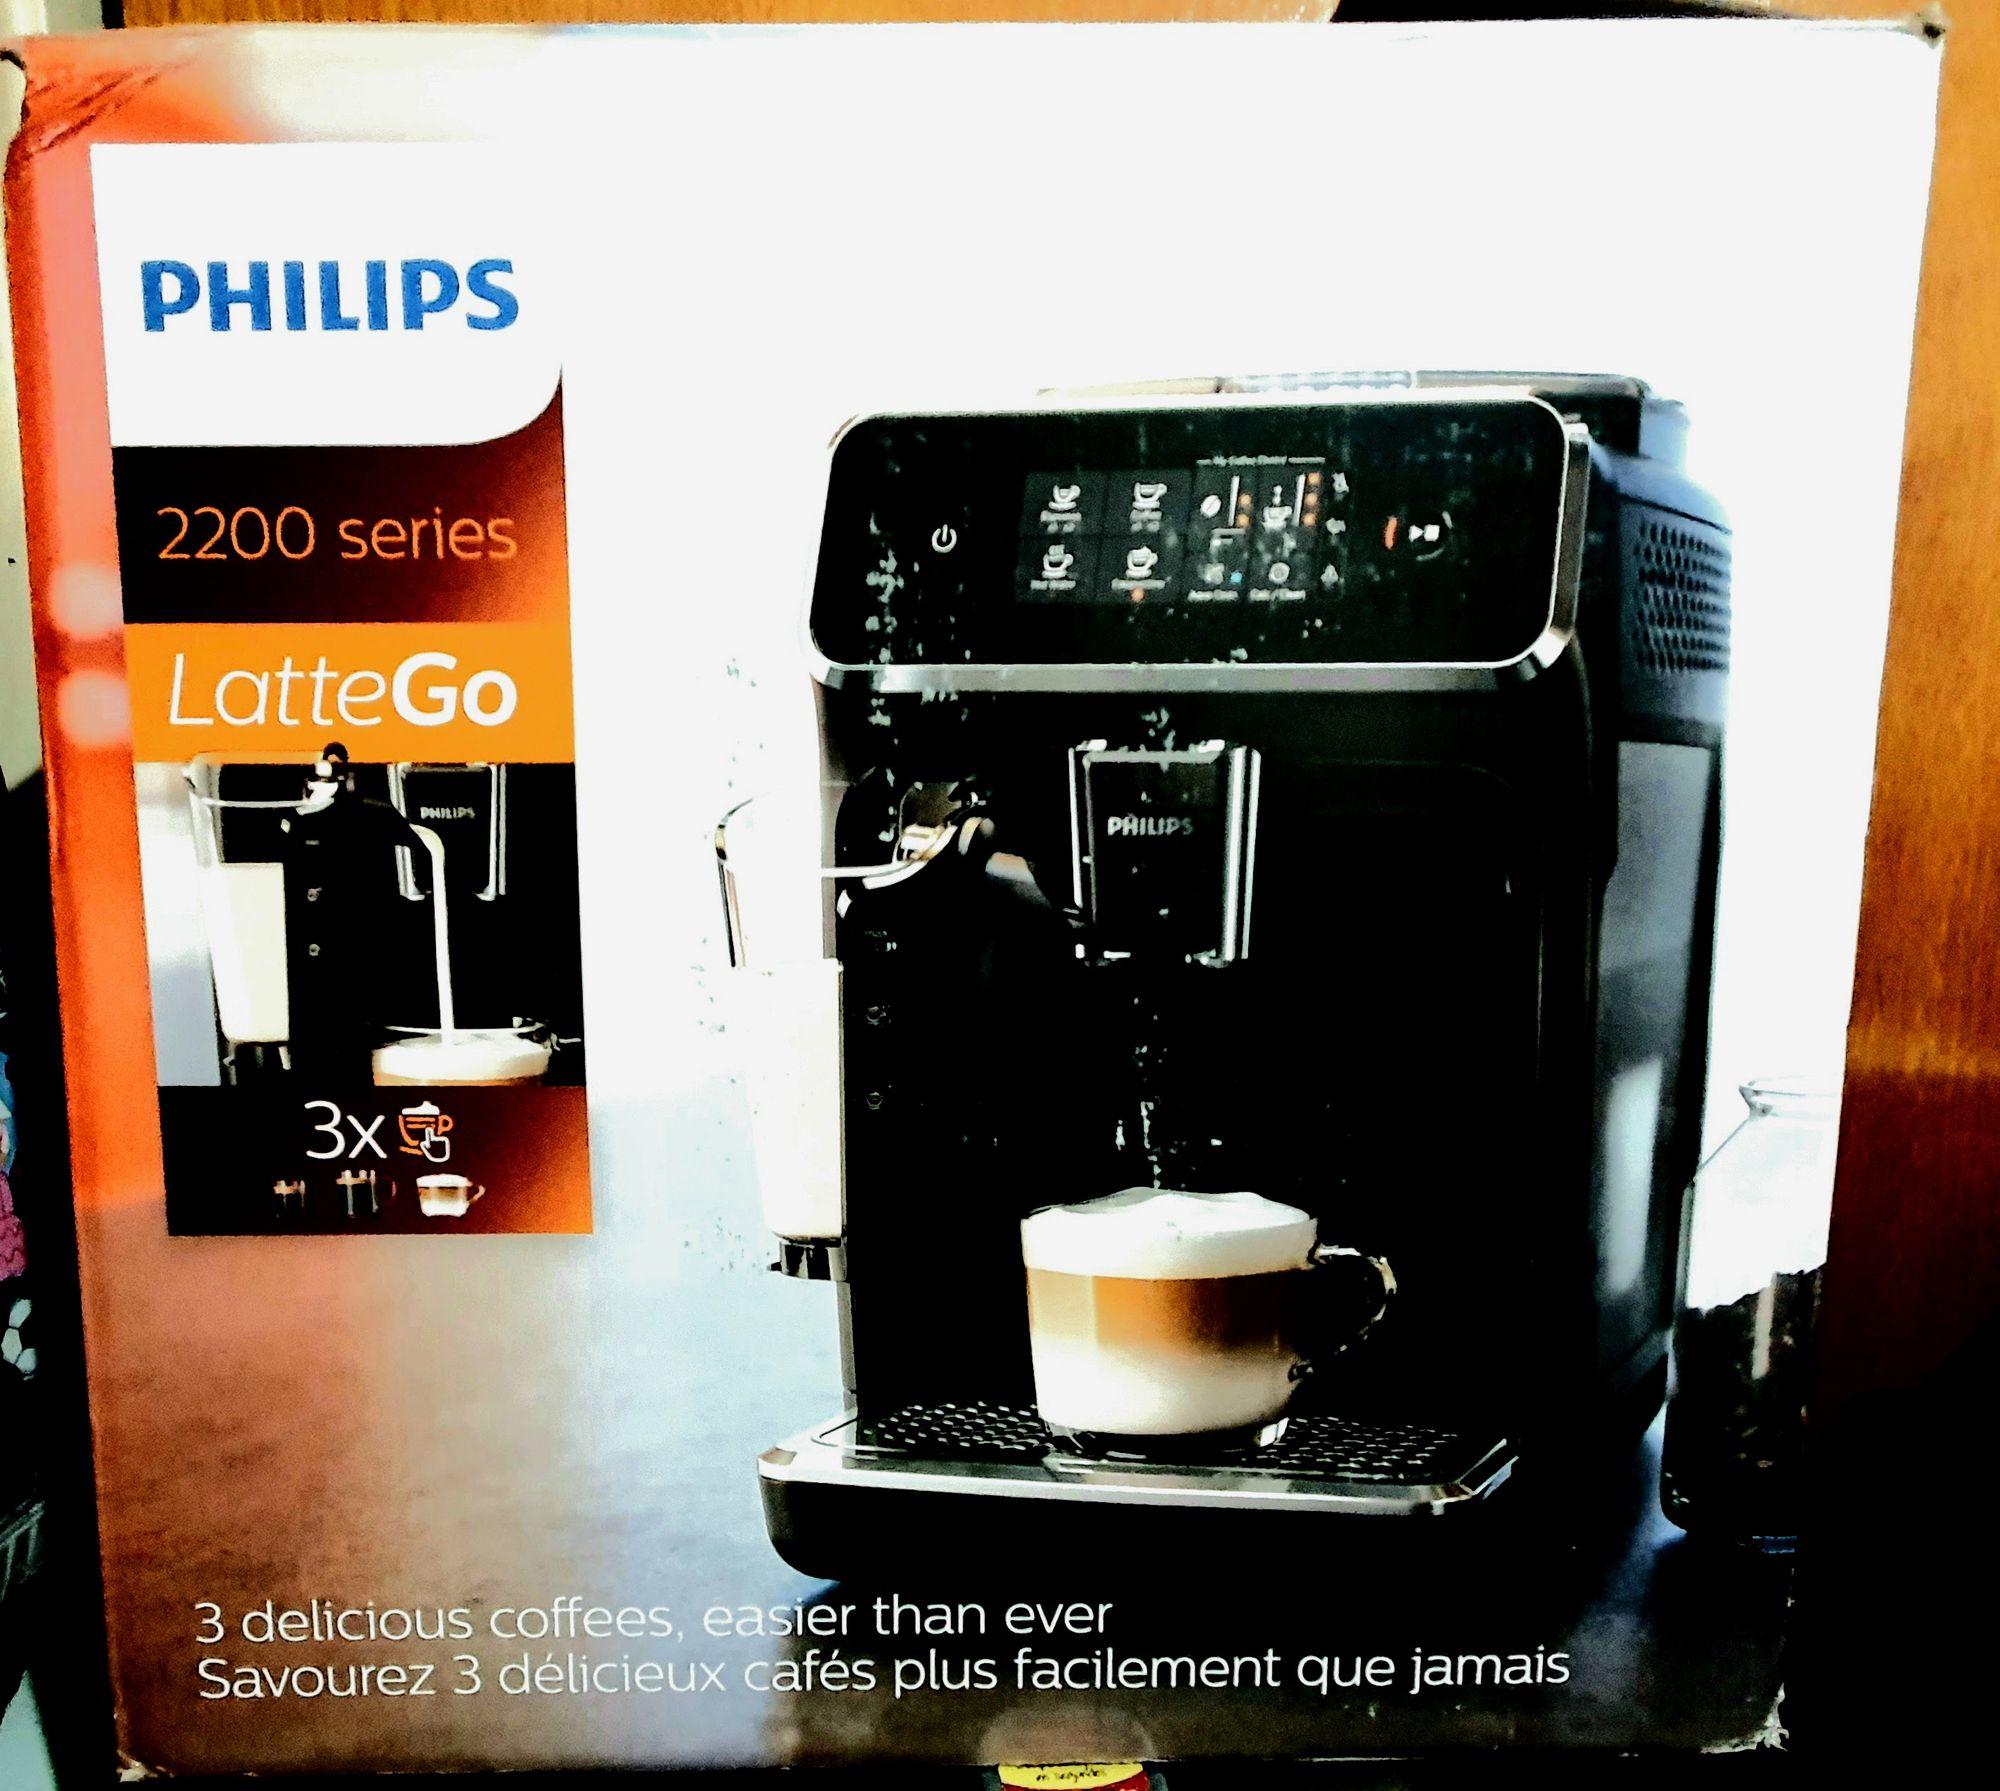 Empaque de la Philips LatteGo 2200